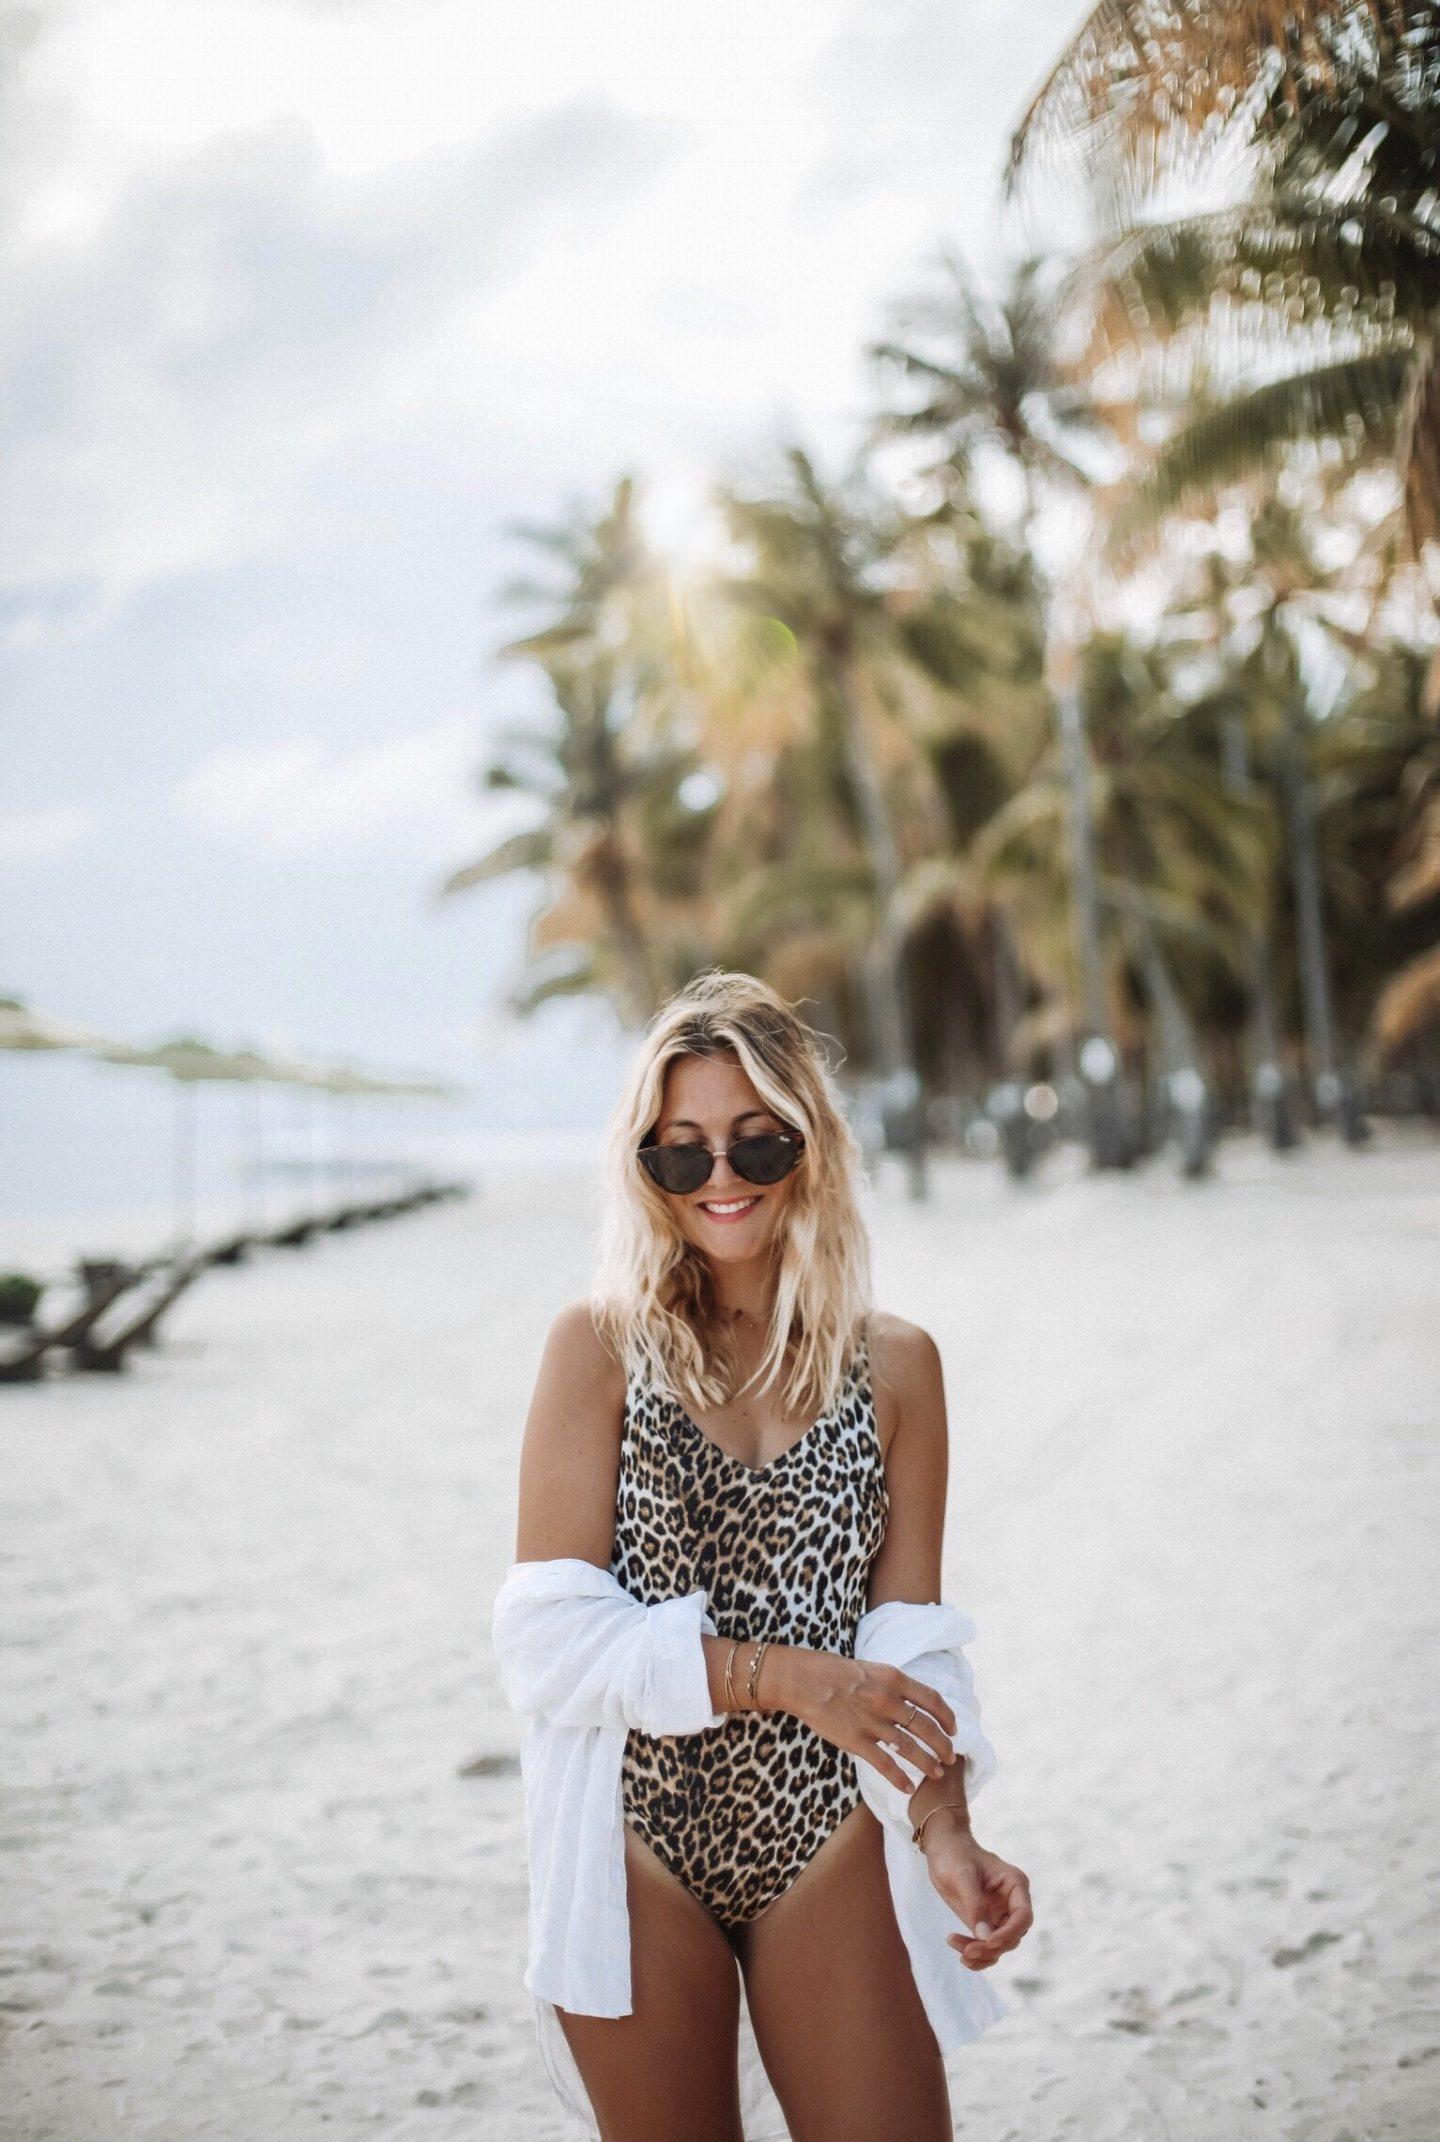 Maillot léopard h&m - Blondie Baby blog mode Paris et voyages